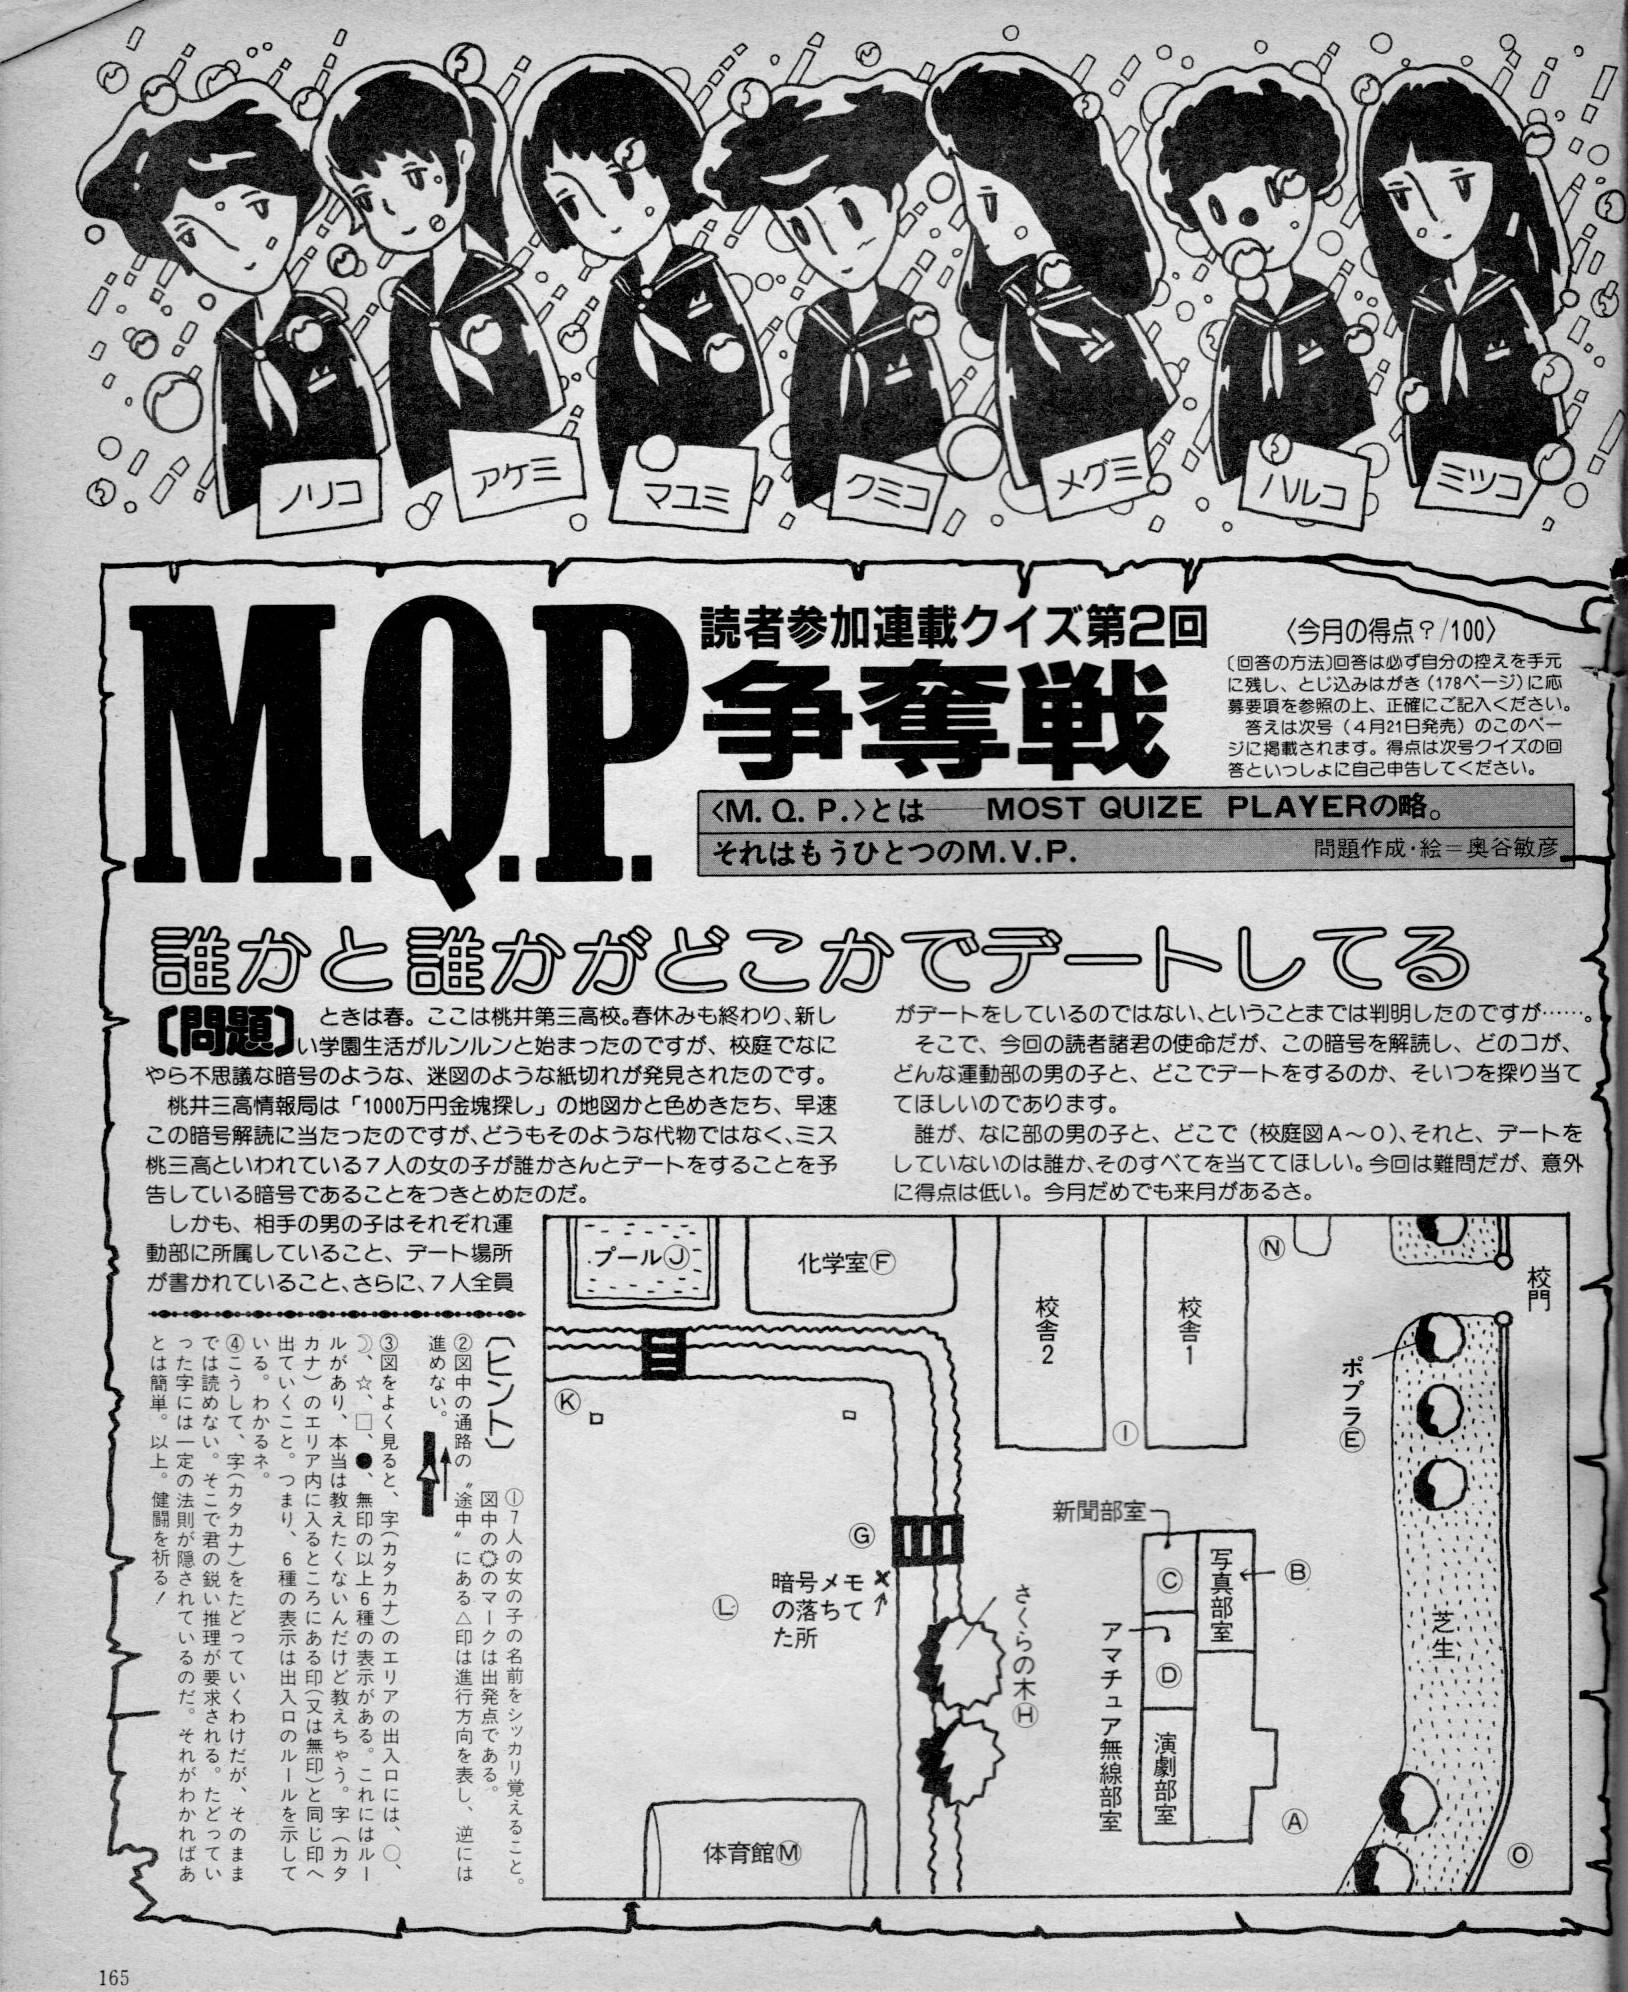 「バラエティ」誌1982/4